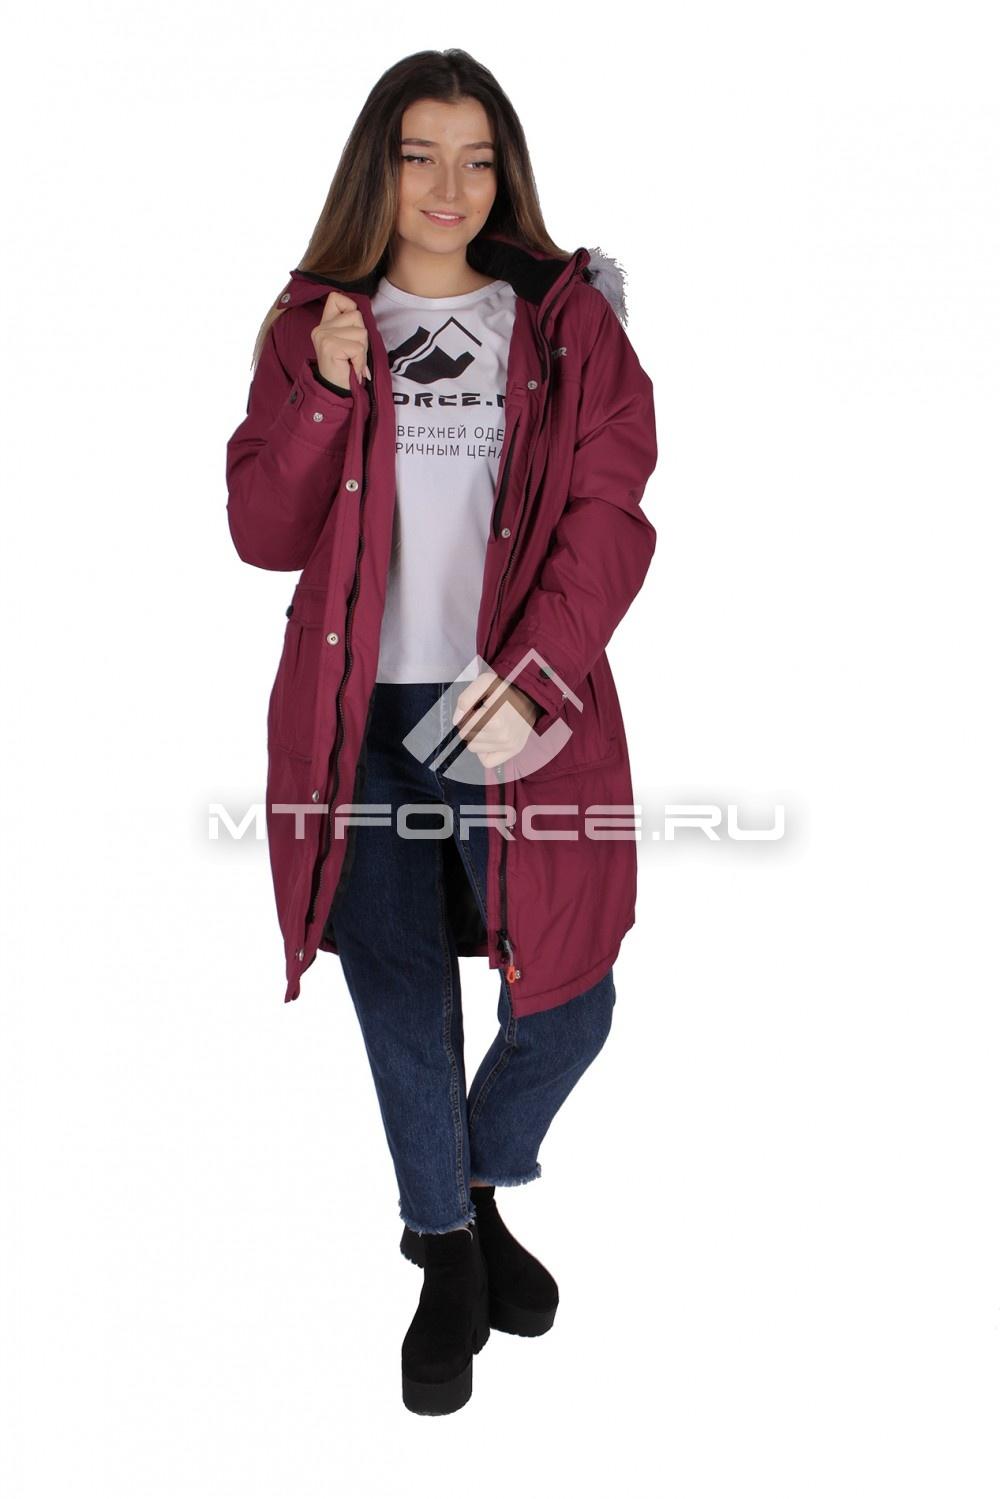 Купить                                  оптом Куртка парка демисезонная женская фиолетового цвета 16799F